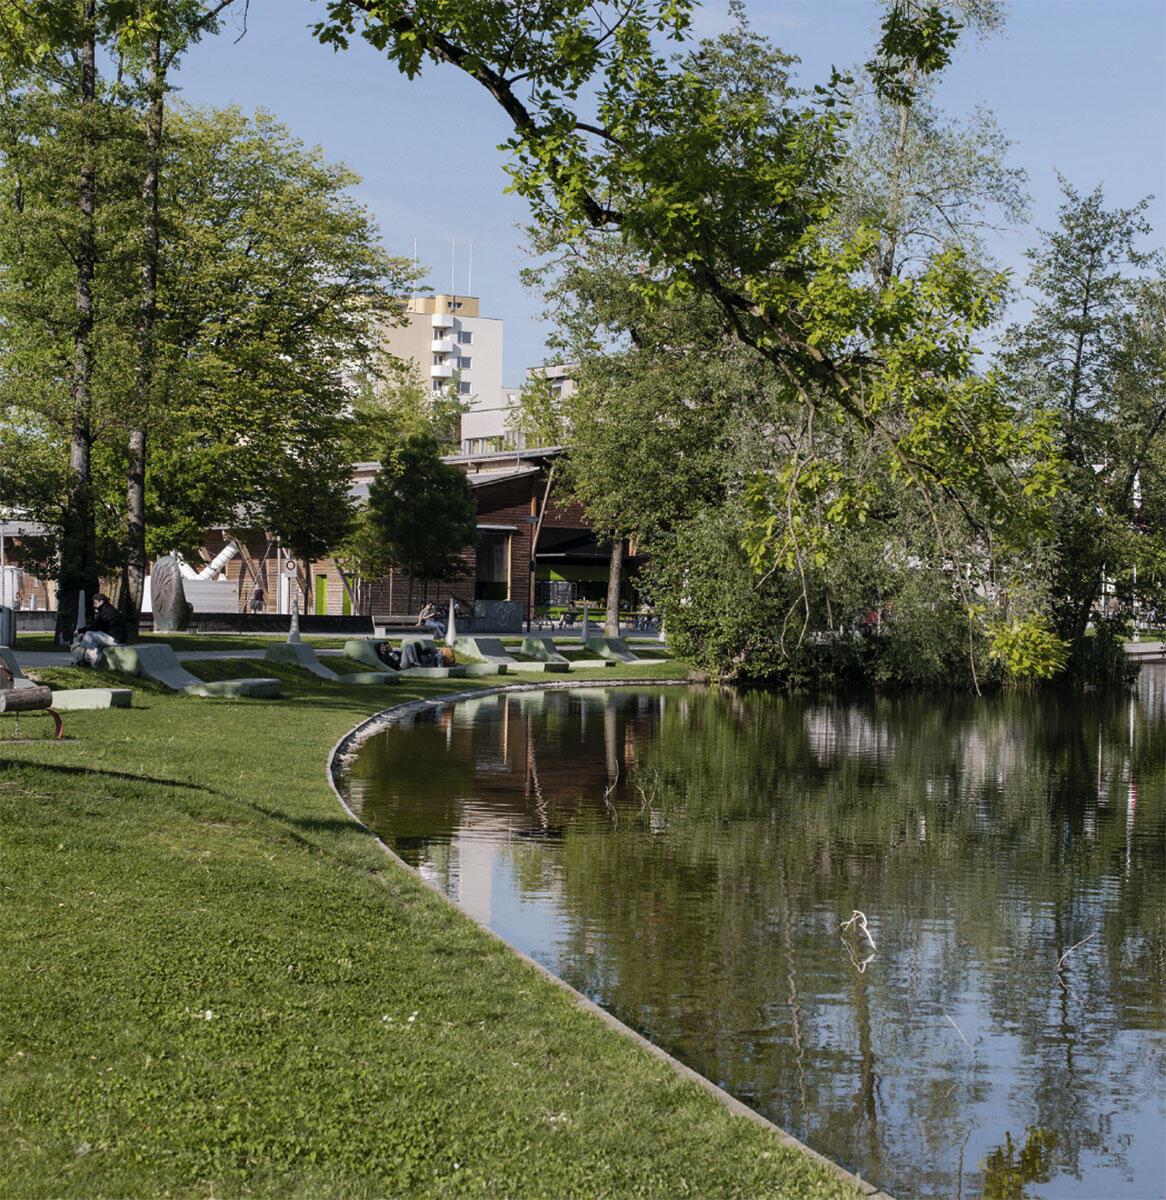 Den östlichsten Teil des grünen Rückgrats von Uster bilden die offenen Wiesenflächen des Stadtparks, die seit 2010 wieder vermehrt in Beschlag genommen werden. Locker verstreute Betonliegeflächen und stalaktitenförmige Beleuchtungskörper setzten gestalterische Akzente.